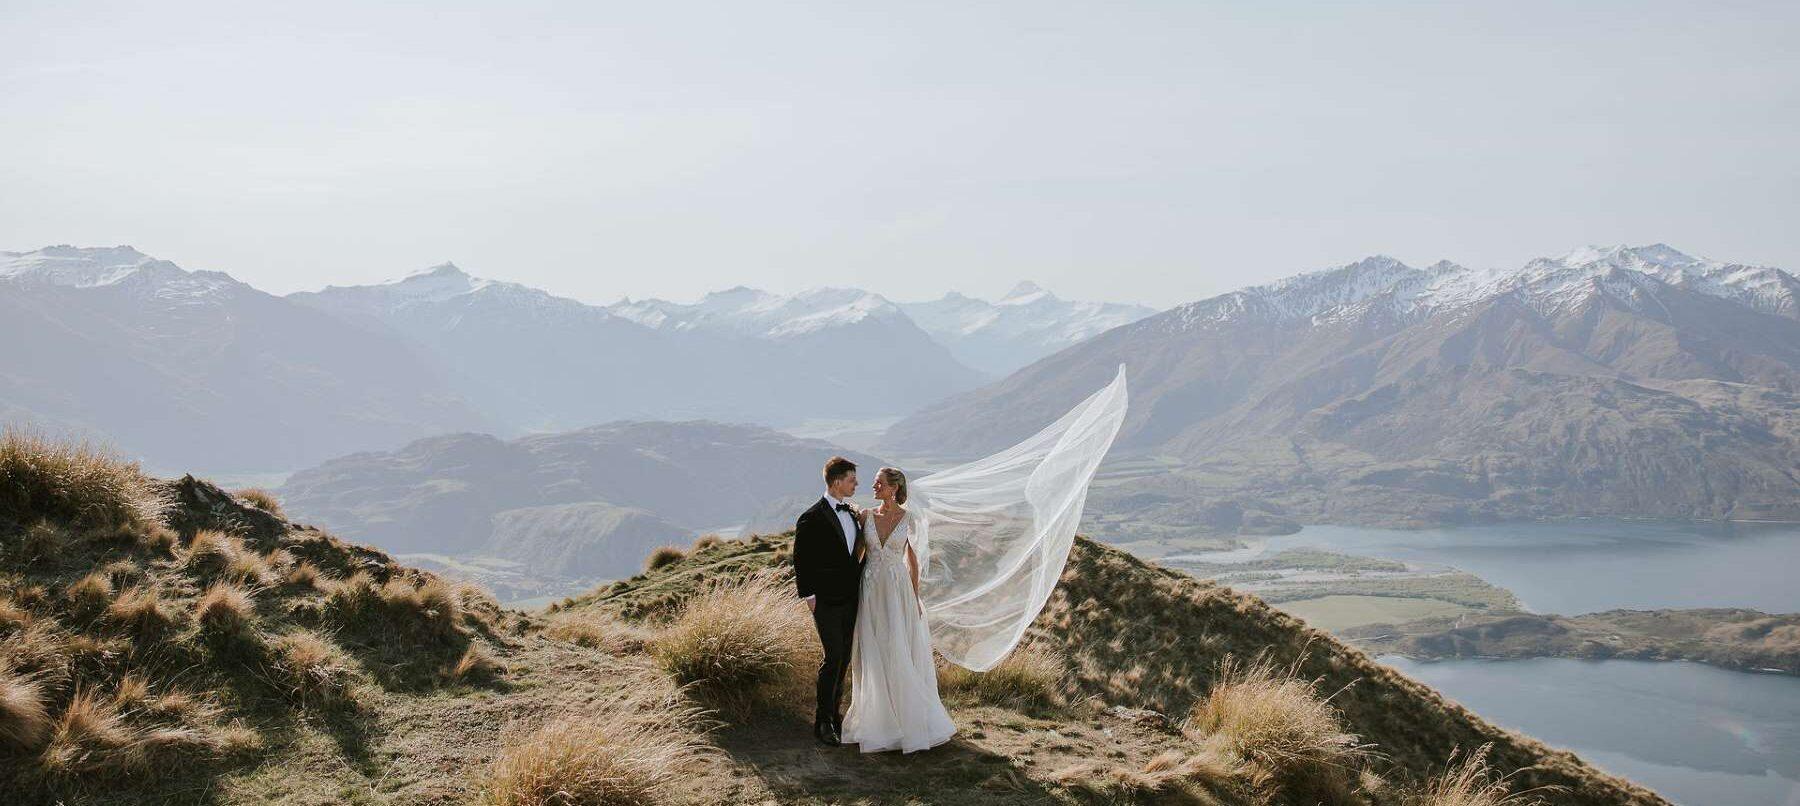 Tregold-wedding-planning-queenstown-wanaka